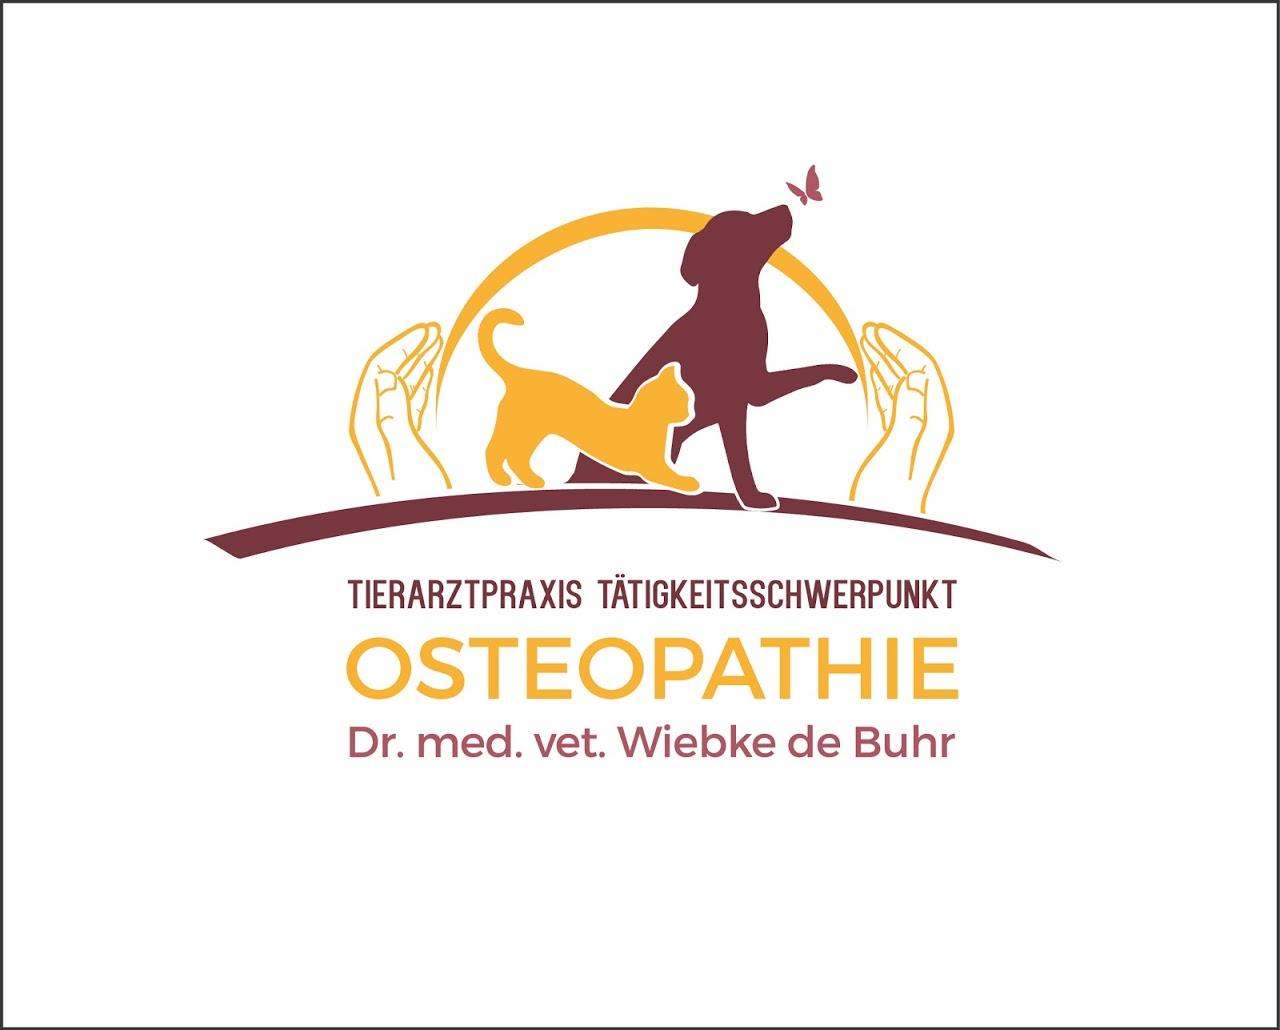 logo tierarzt